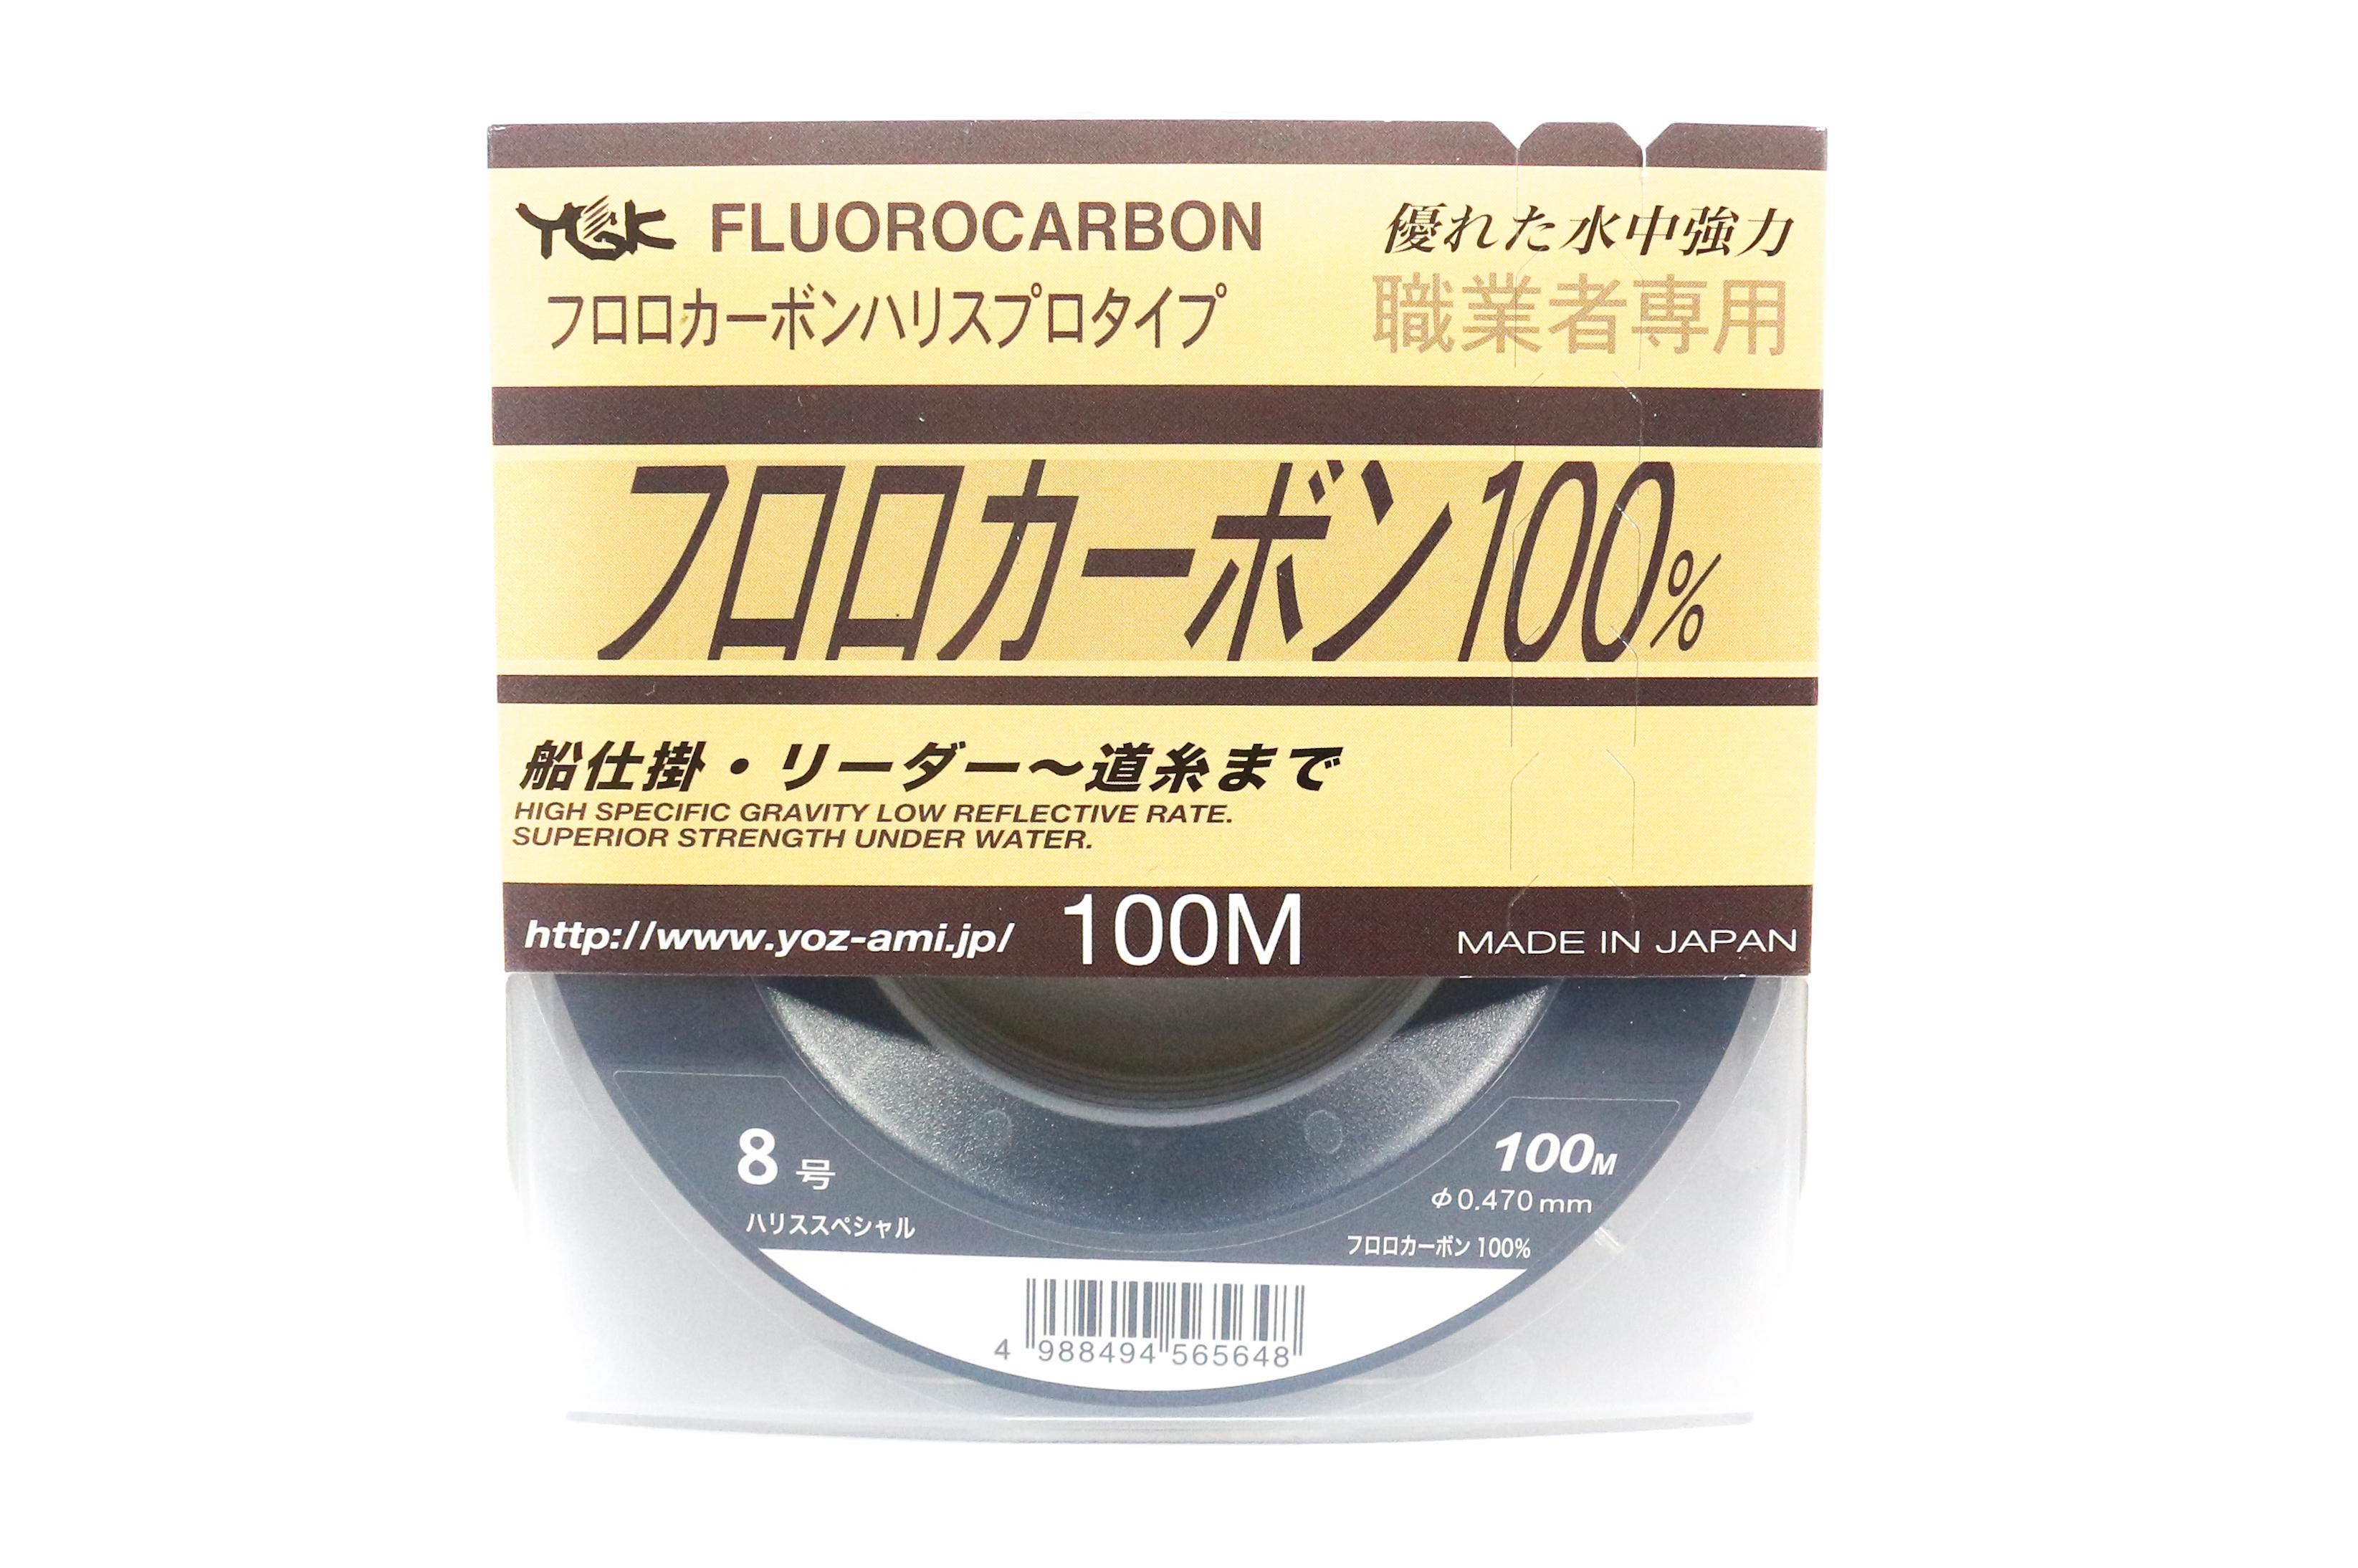 YGK 100% Fluorocarbon Leader Line 100m Size 8 30lb 0.47mm (5648)